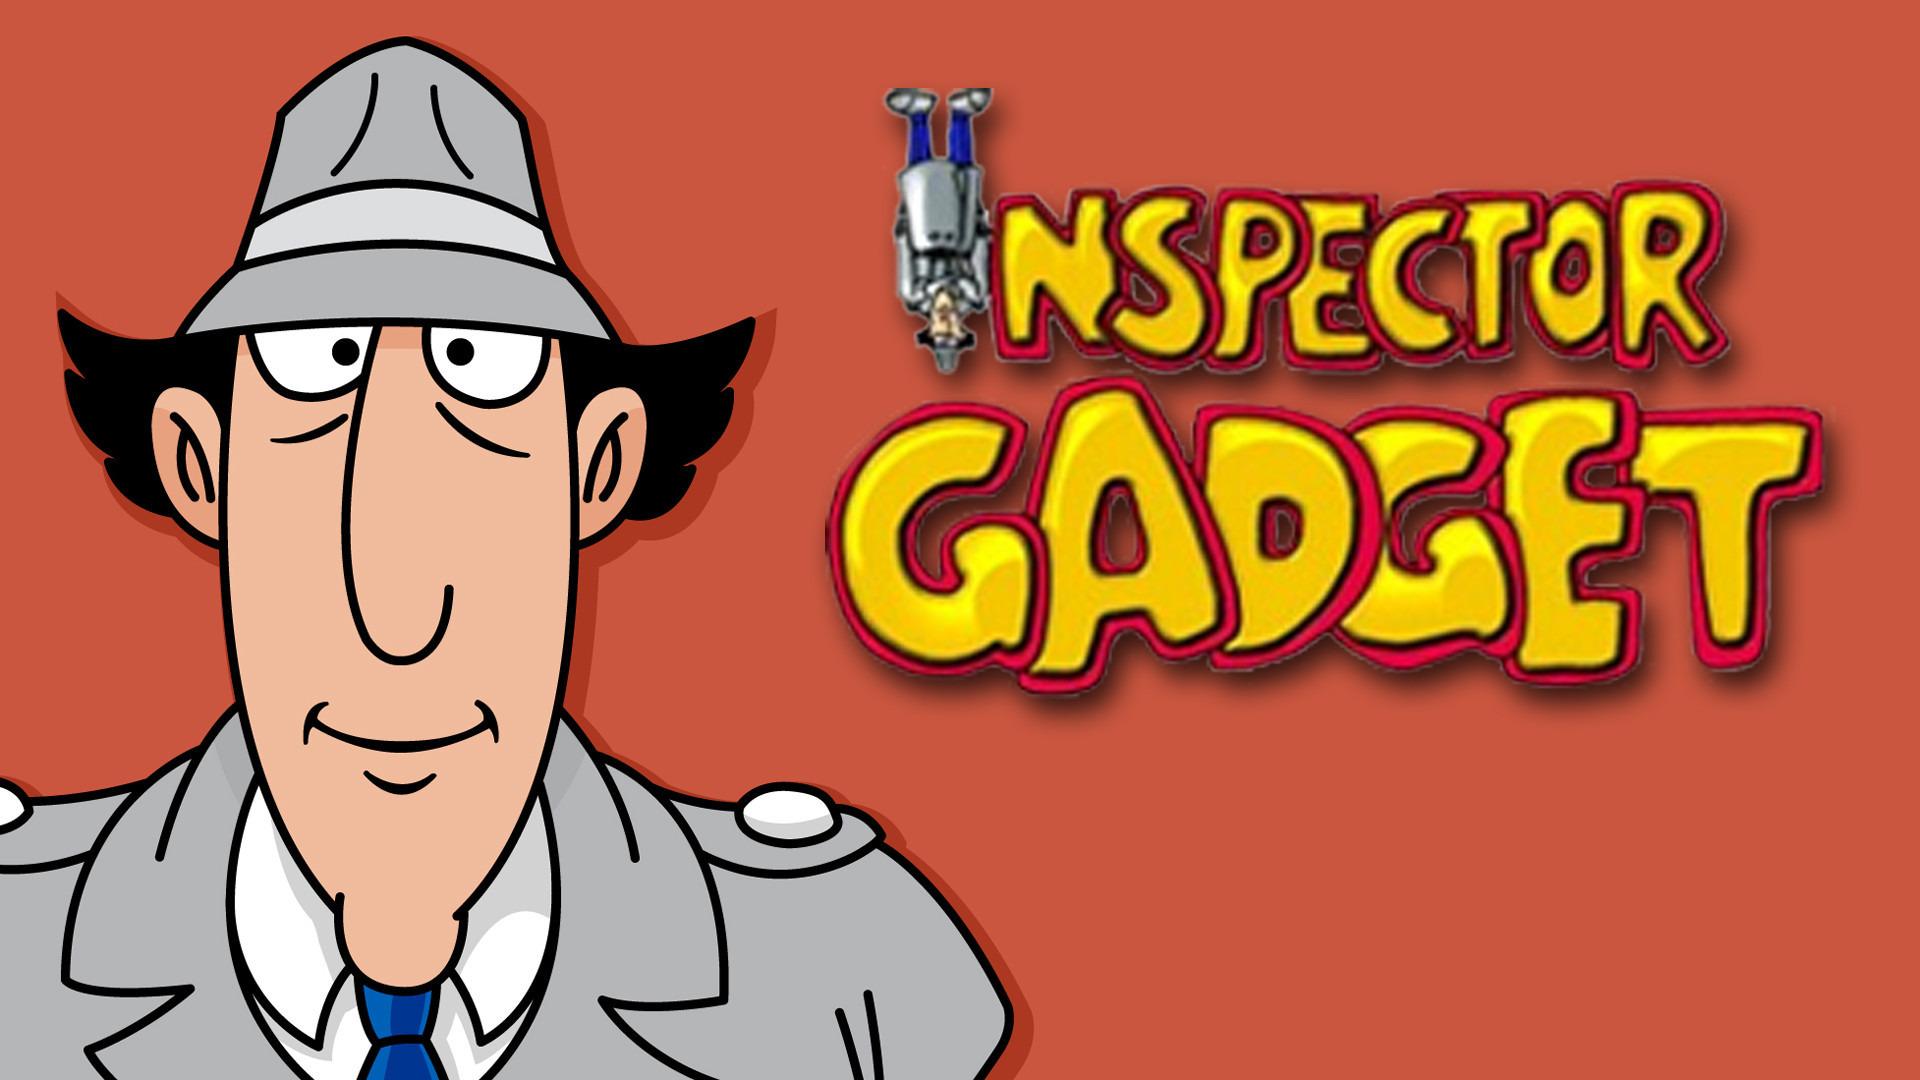 Cartoon Инспектор Гаджет